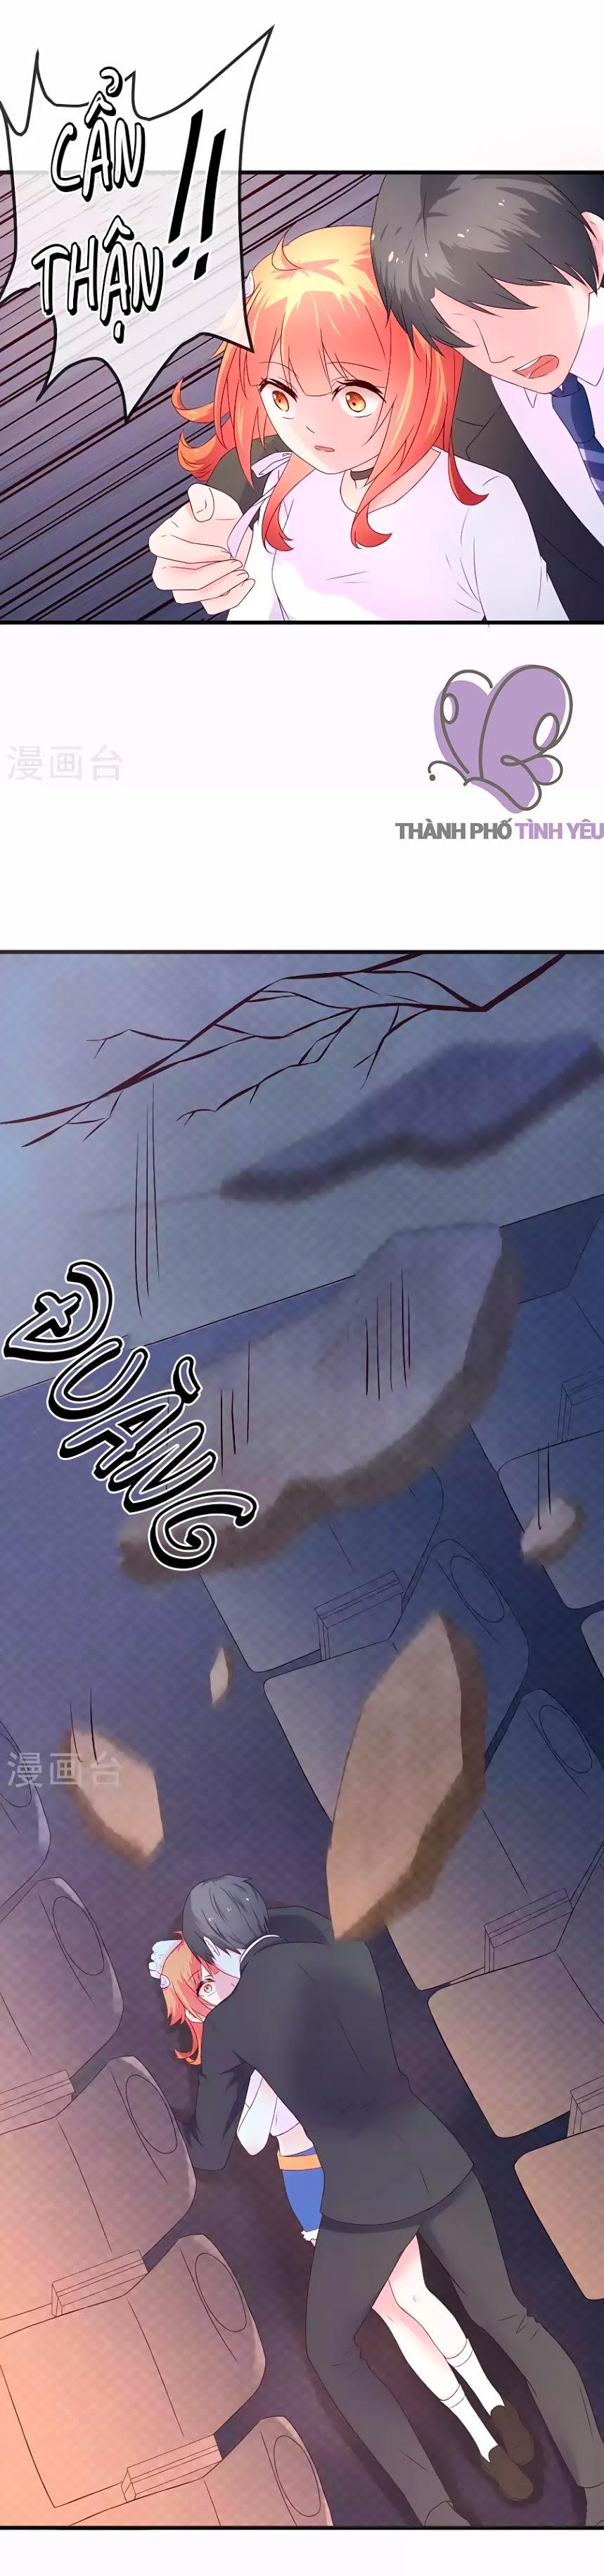 Cuộc Sống Hào Môn Của Vu Nữ - Chap 6